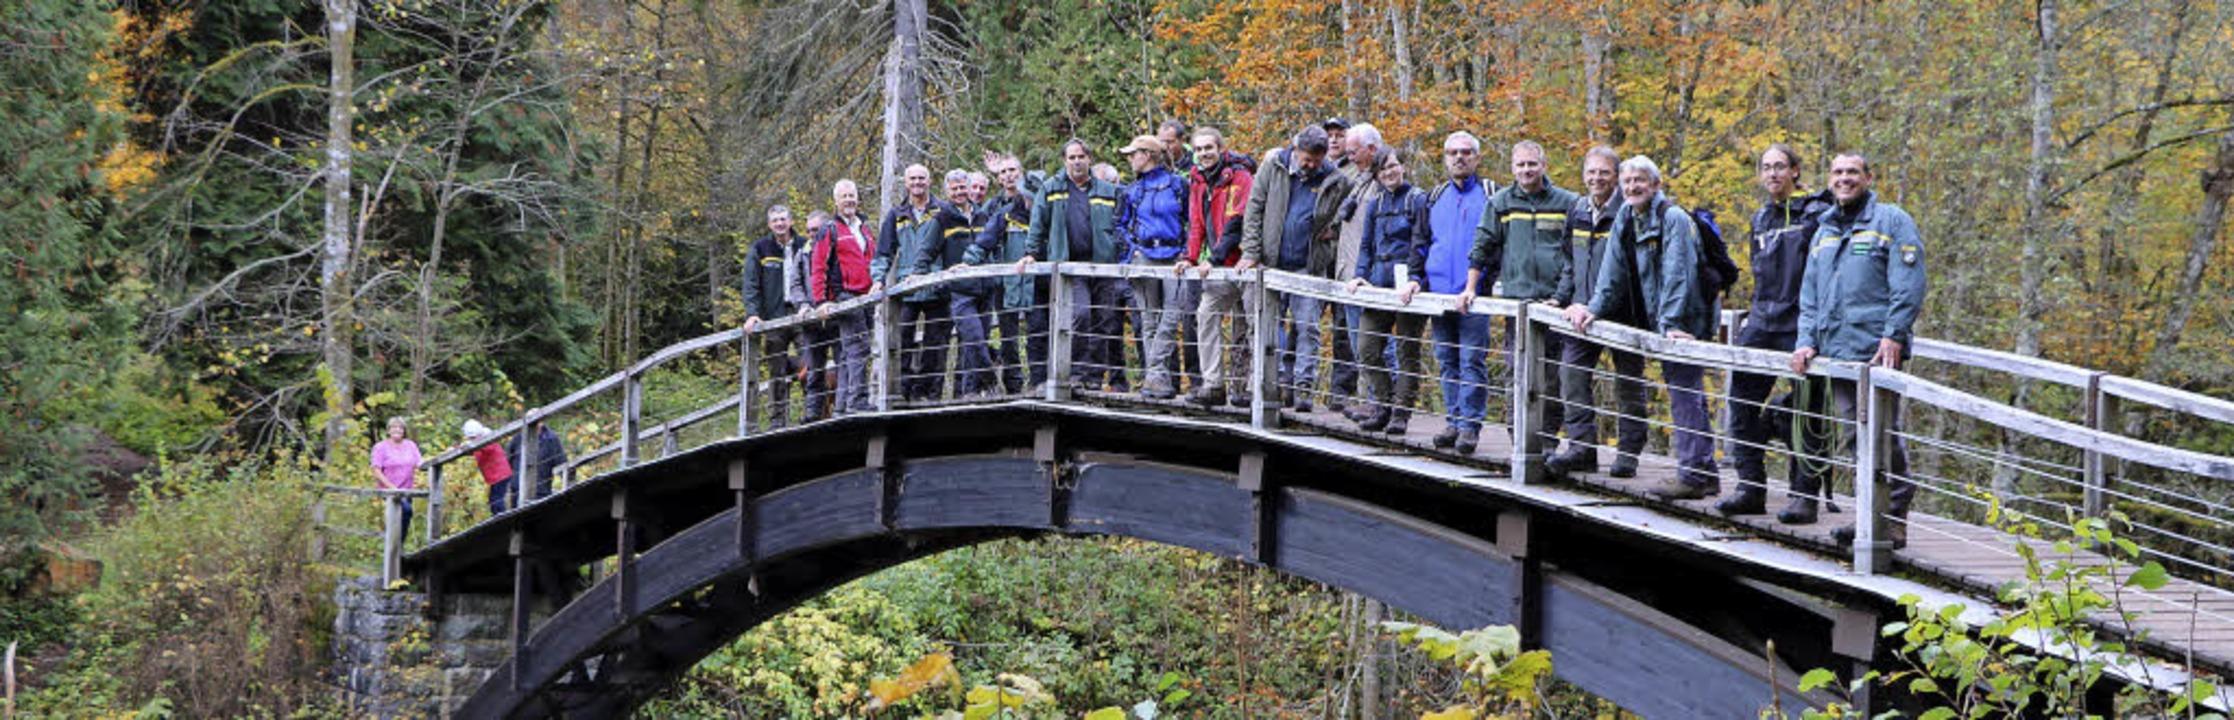 Zwei Dutzend Mitglieder des Baden-Würt... Erholungsnutzung auseinanderzusetzen.  | Foto: Martha Weishaar